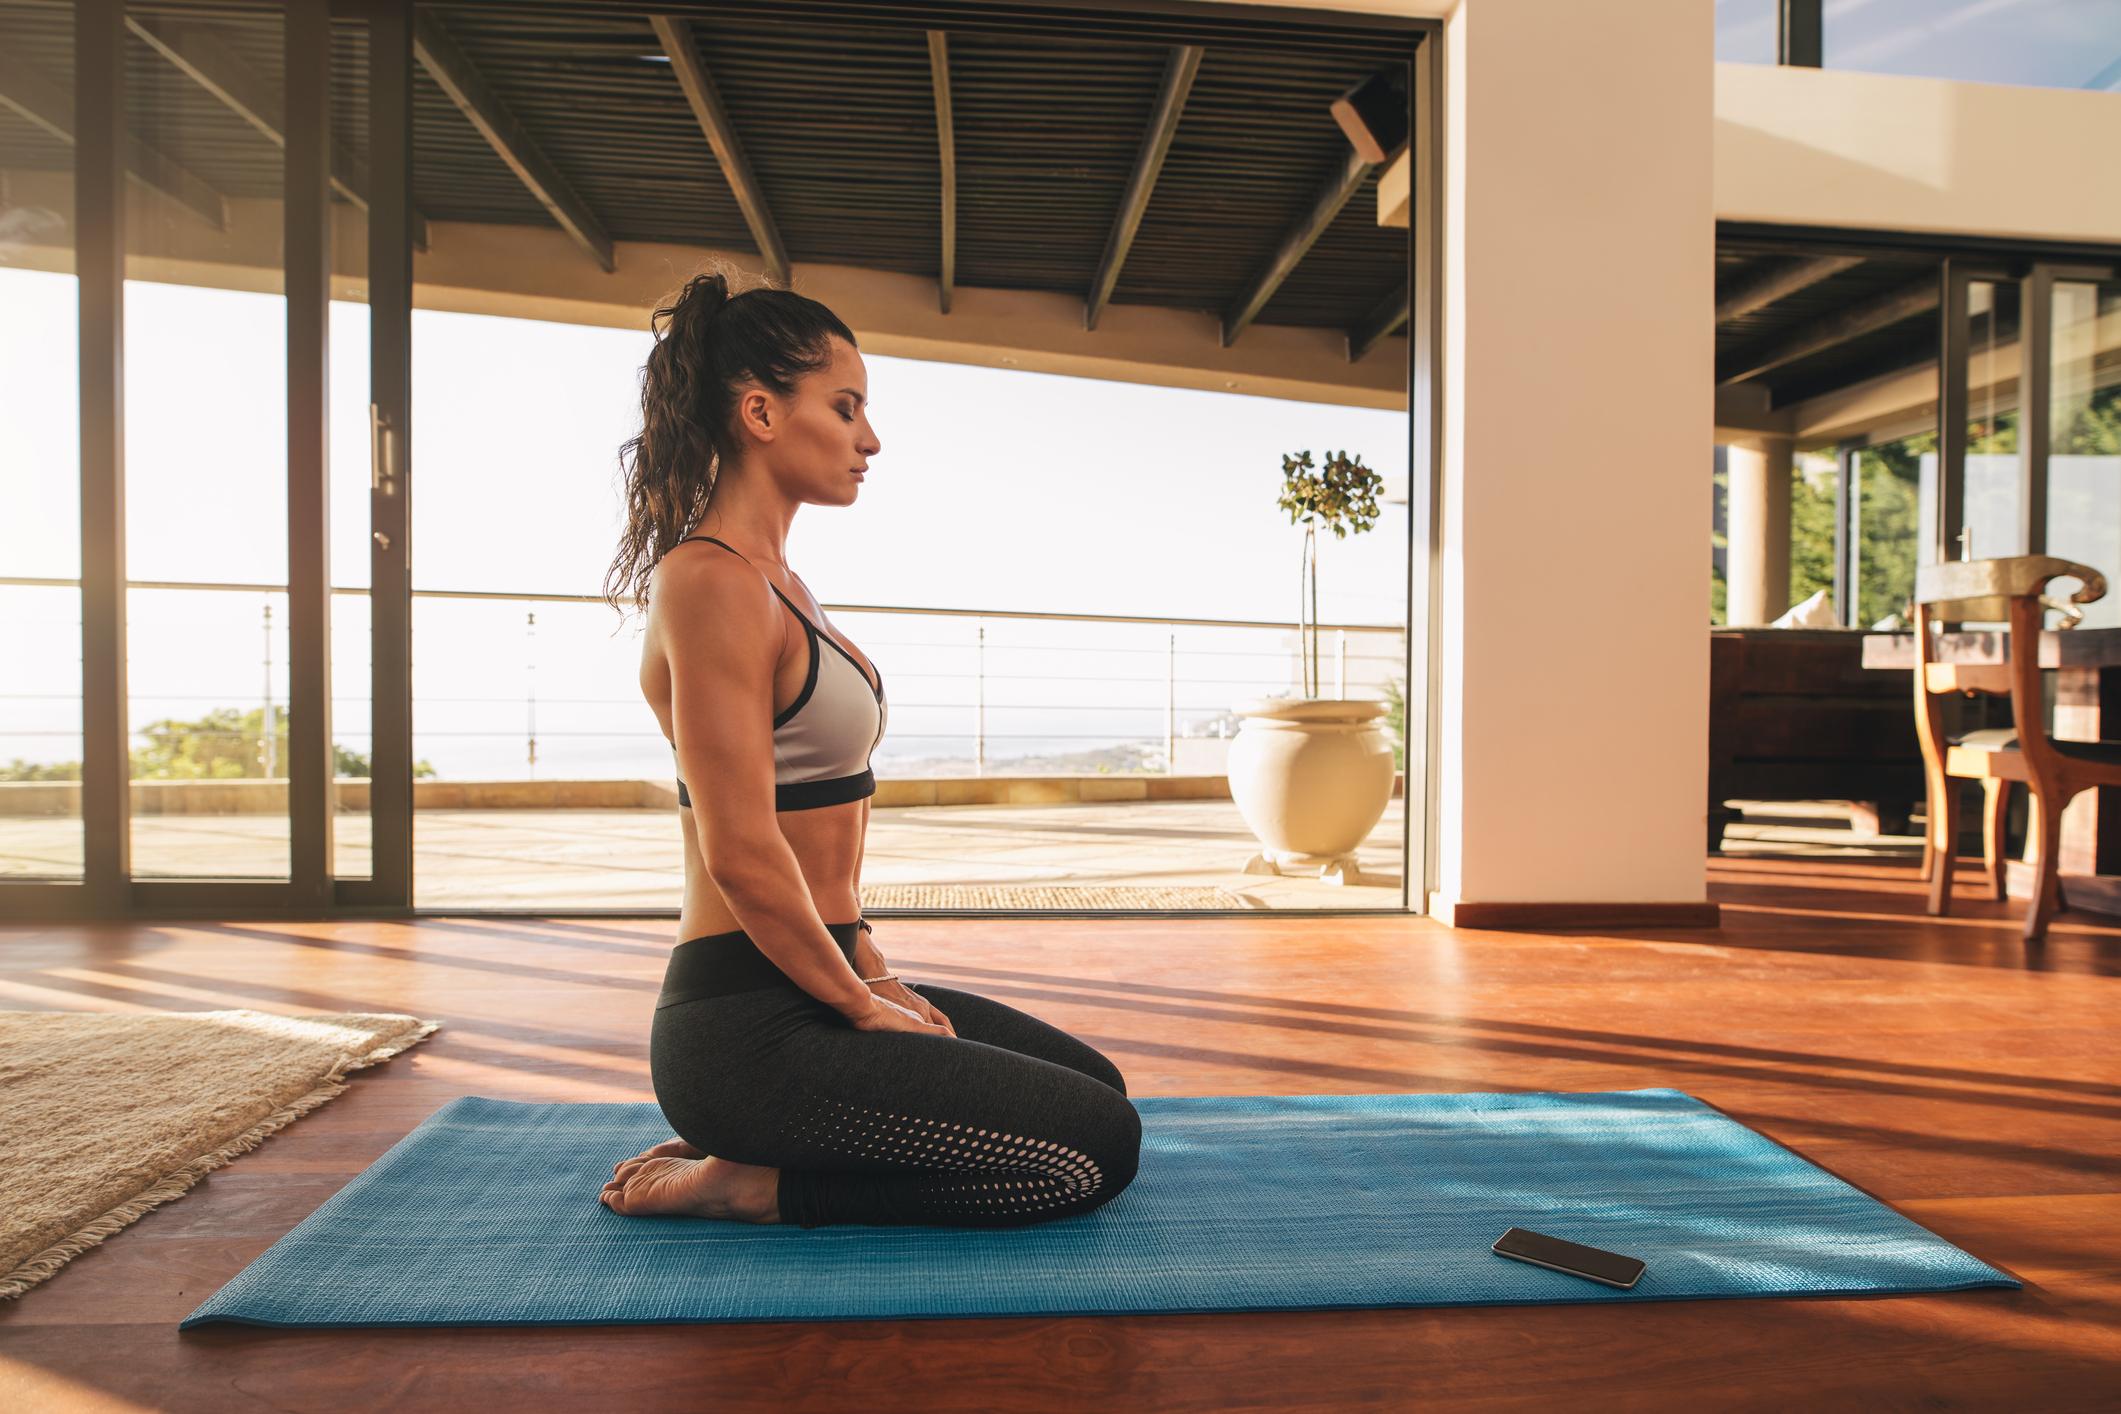 Mulher fotografada de perfil com roupa de ginástica praticando ioga em casa